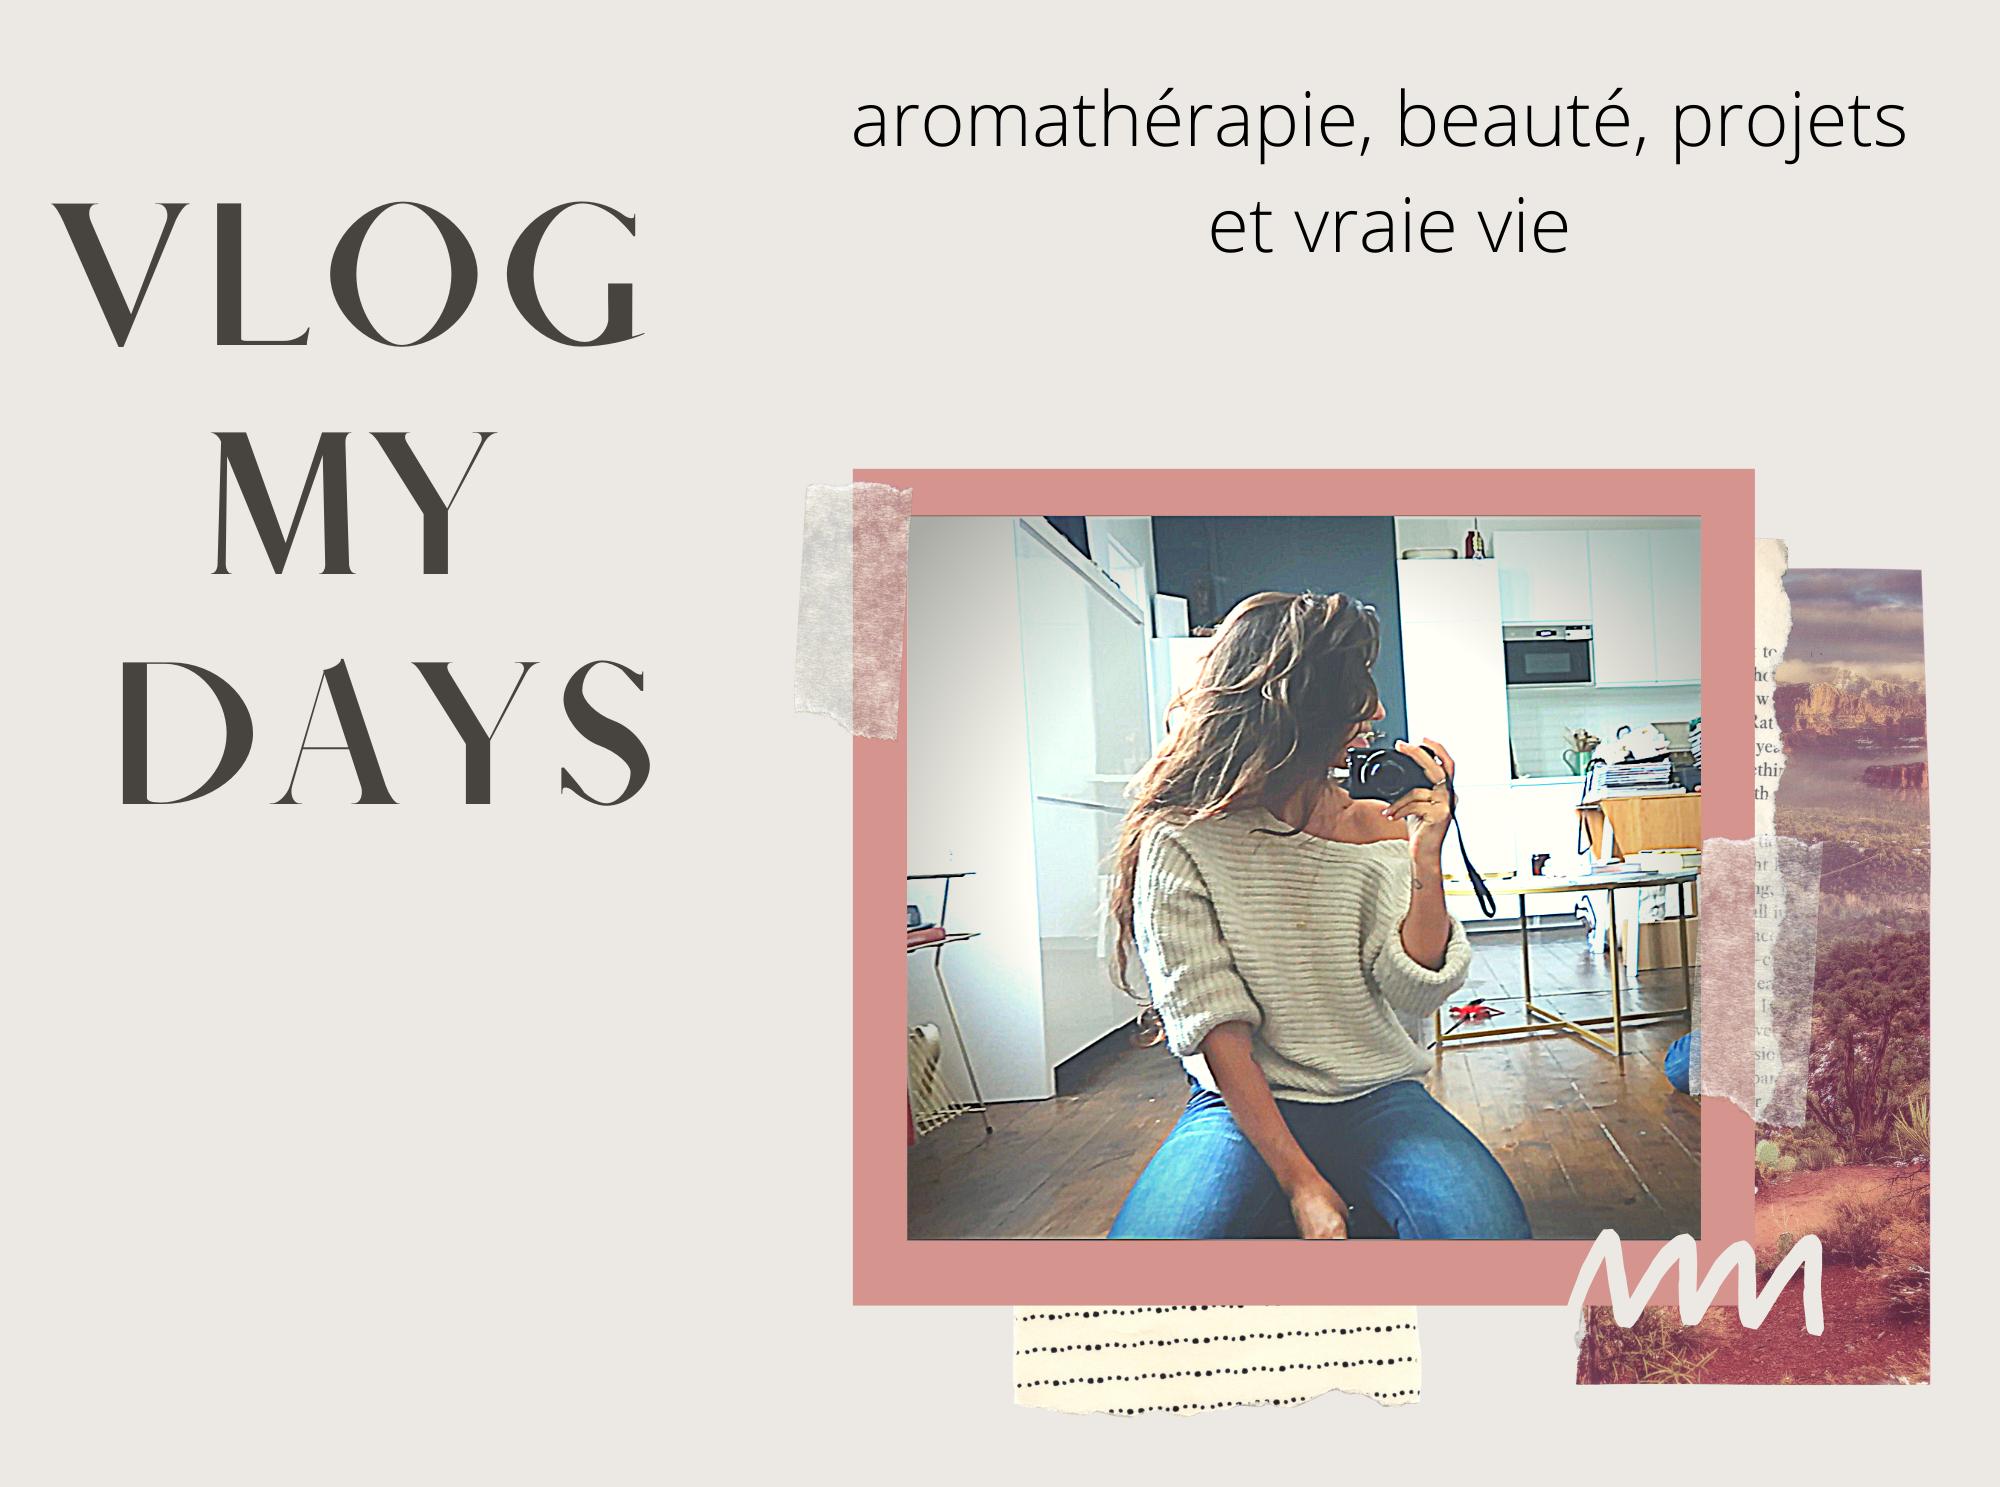 Un nouveau VLOG MY DAYS rassemblant des morceaux de vie : Food, beauté, réflexions et jolies découvertes.